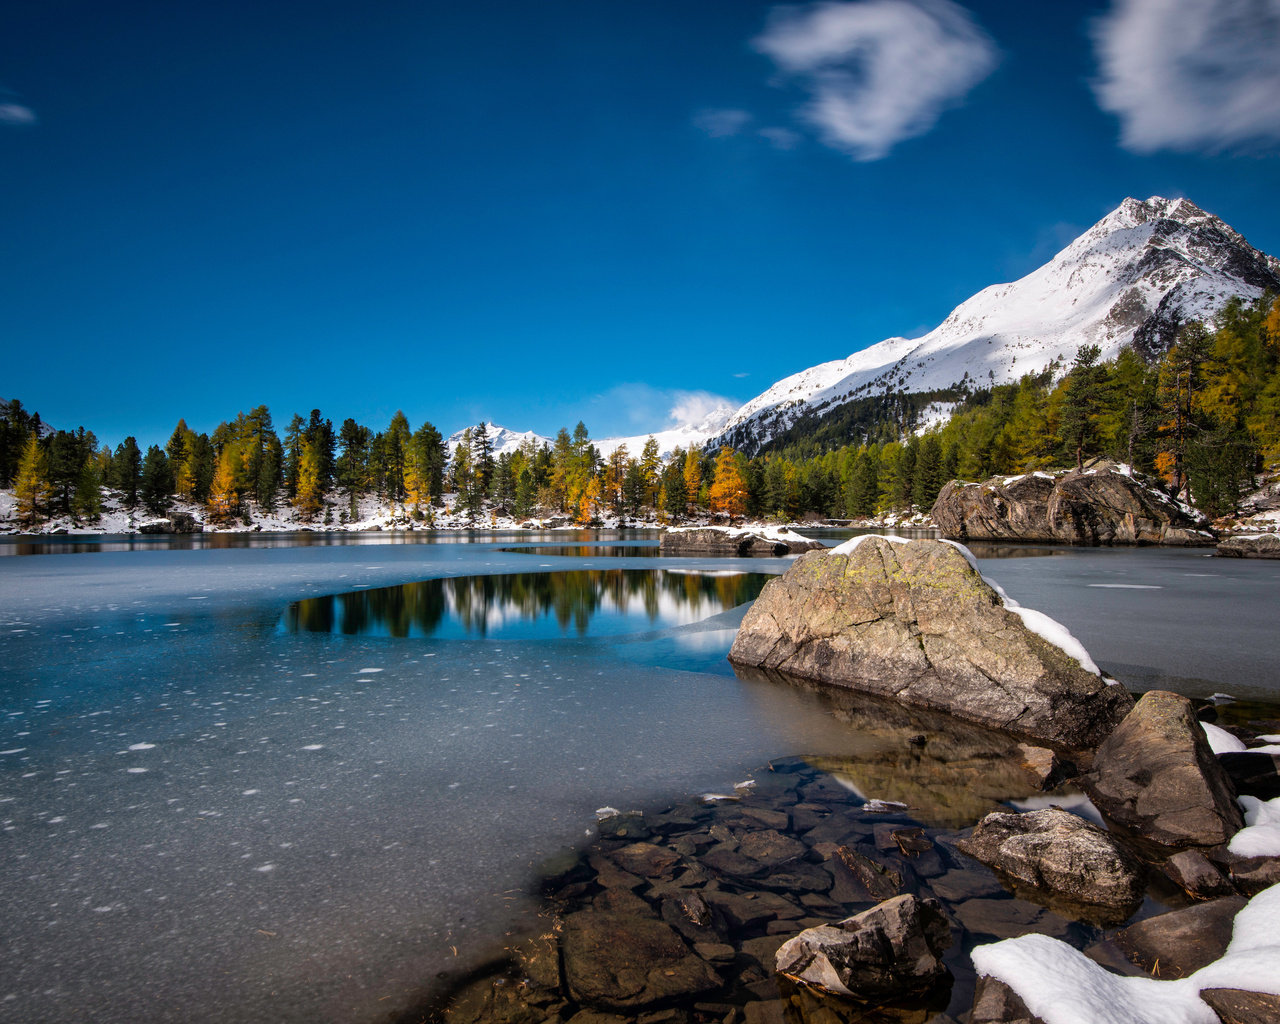 lagh-da-saoseo-lake-in-switzerland-5k-td.jpg